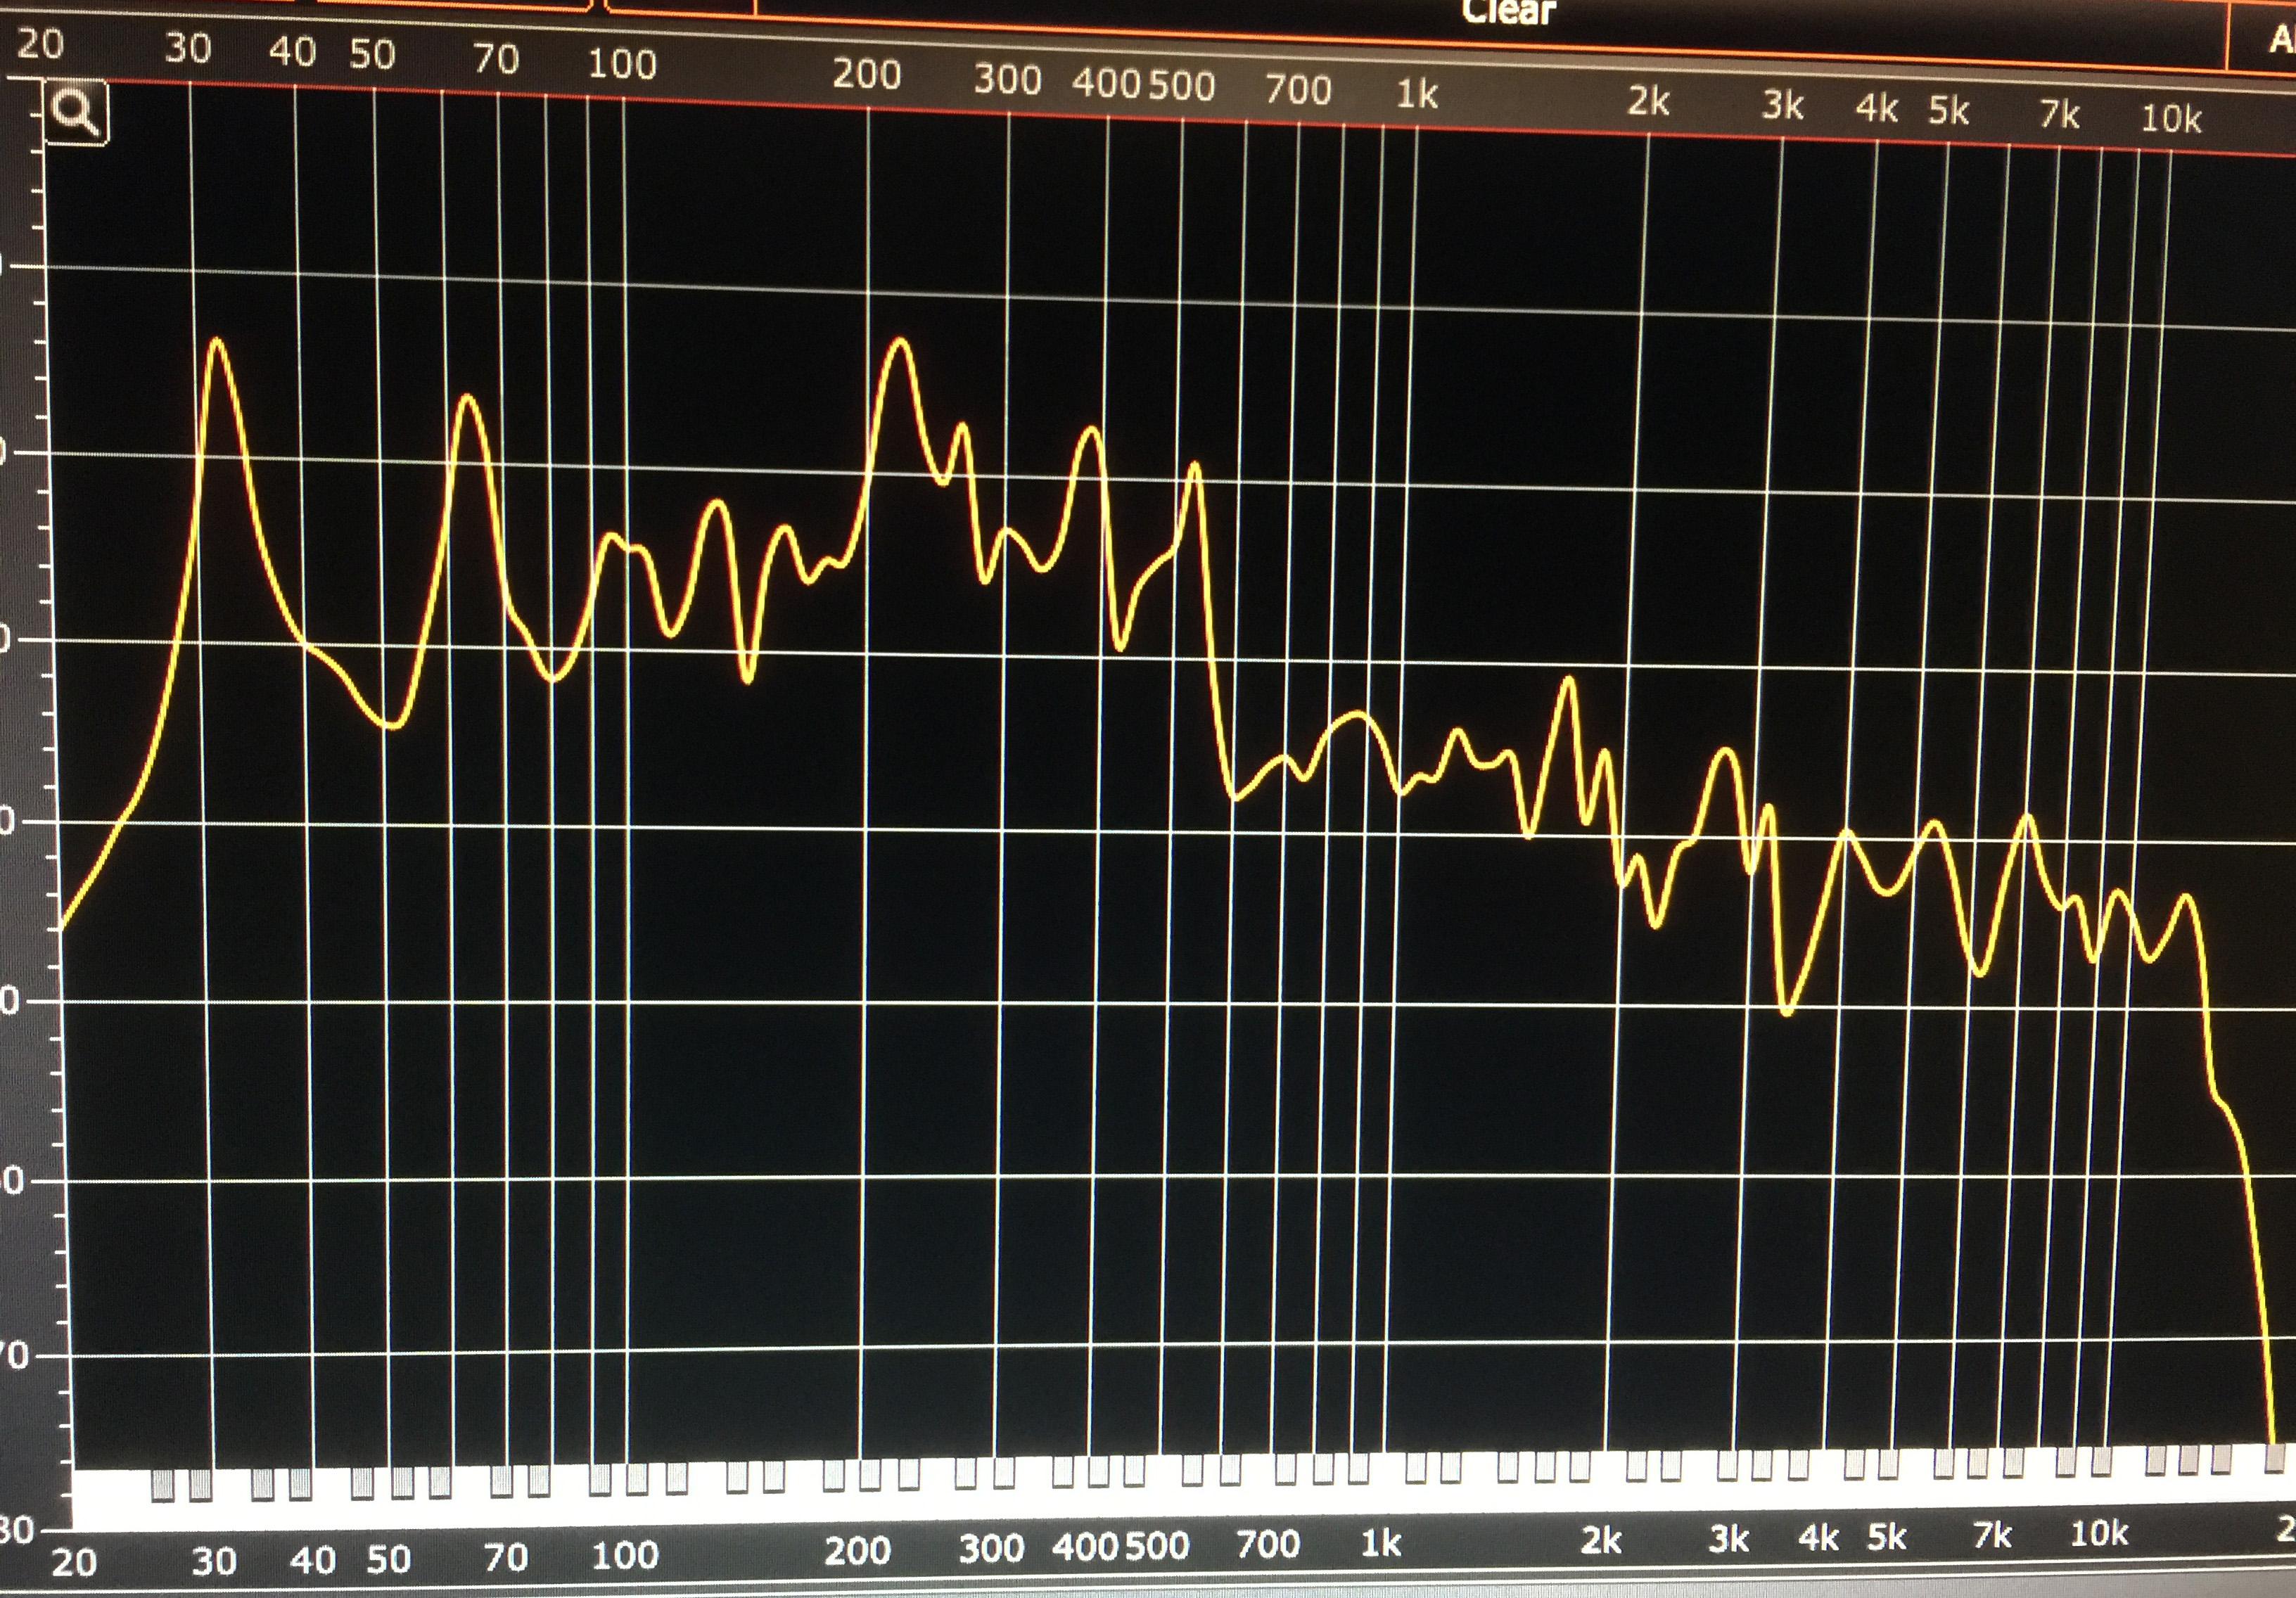 Die auf der CD verwendeten Frequenzen decken das gesamte Hörvermögen des menschlichen Ohres ab